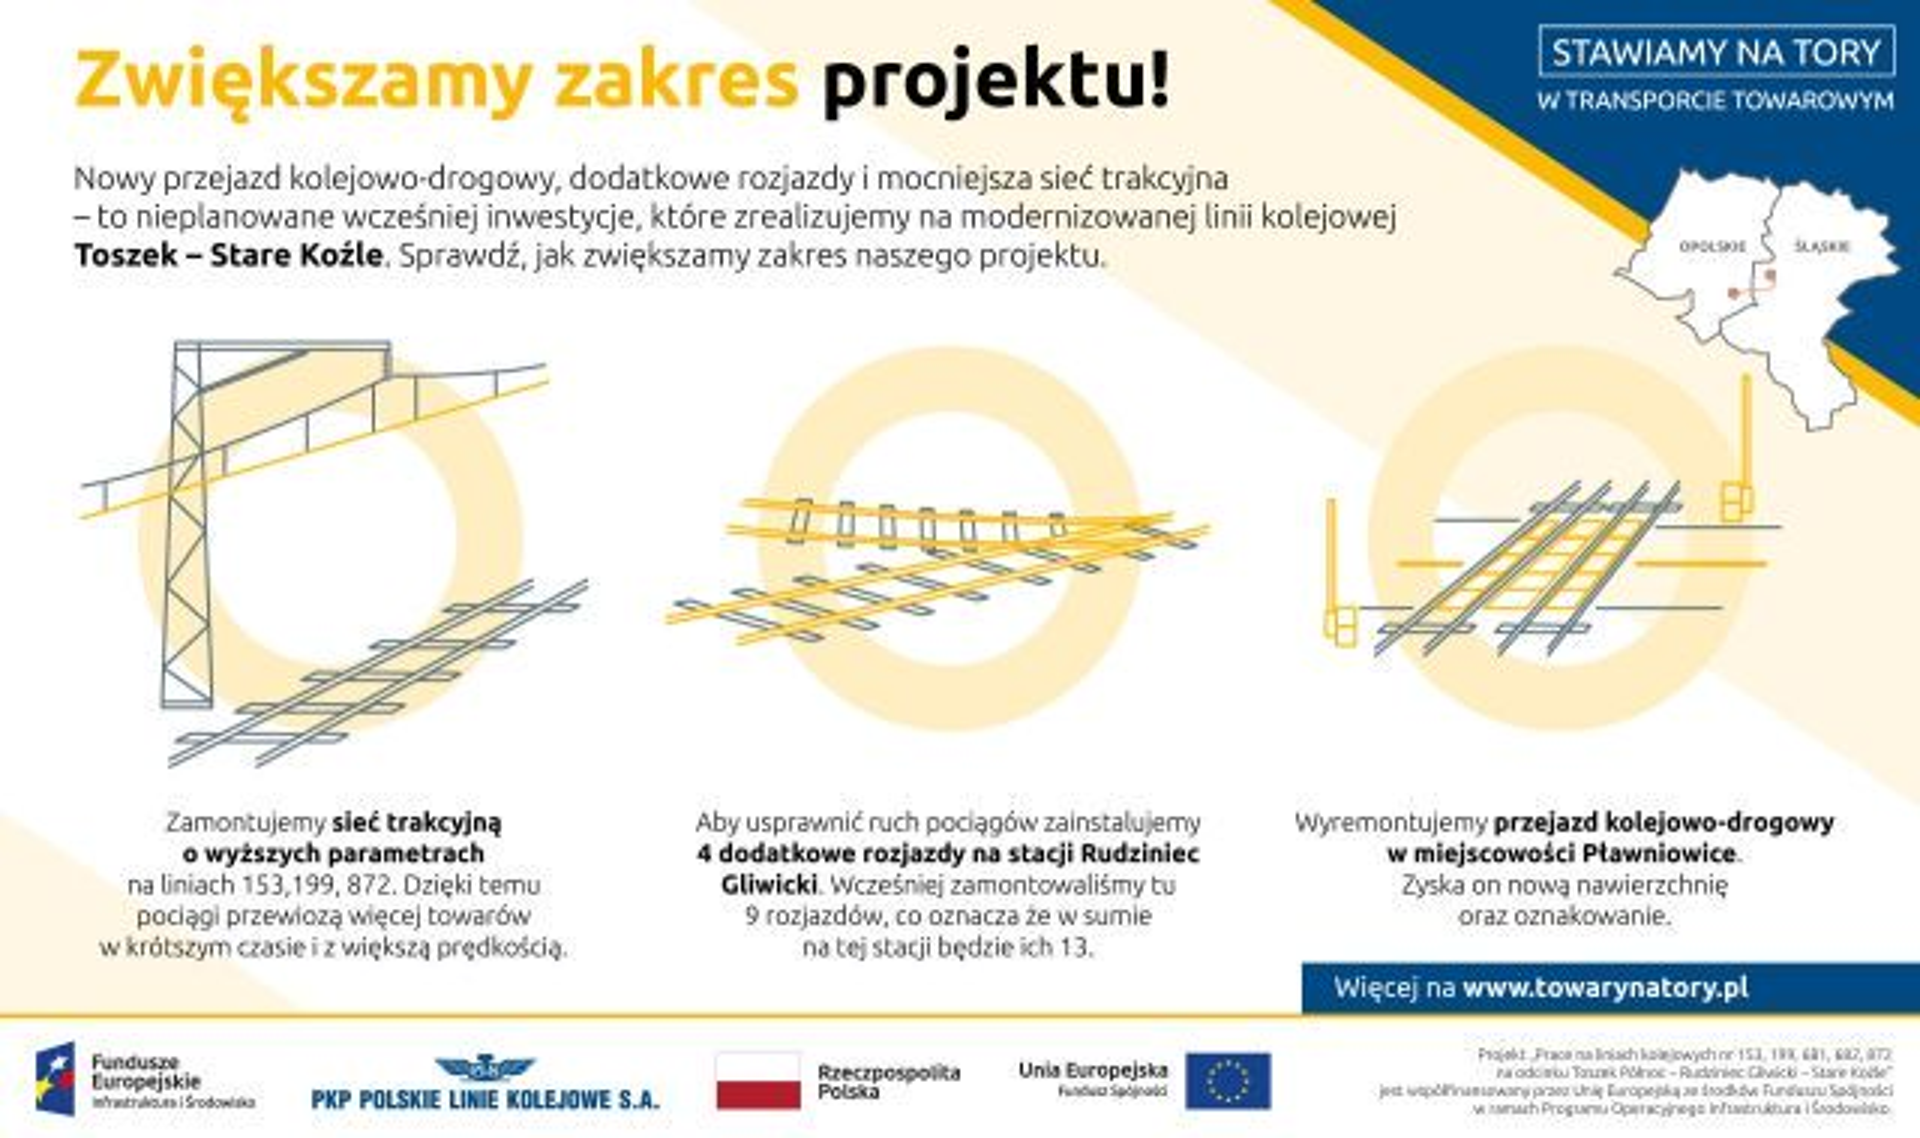 Infografika mówiąca o o zwiększeniu zakresu projektu. Została zamontowana sieć trakcyjna o wyższych parametrach, 4 dodatkowe rozjazdy w Rudzińcu Gliwickim, dodatkowo został wyremontowany przejazd kolejowo drogowy w miejscowości Pławniowice.